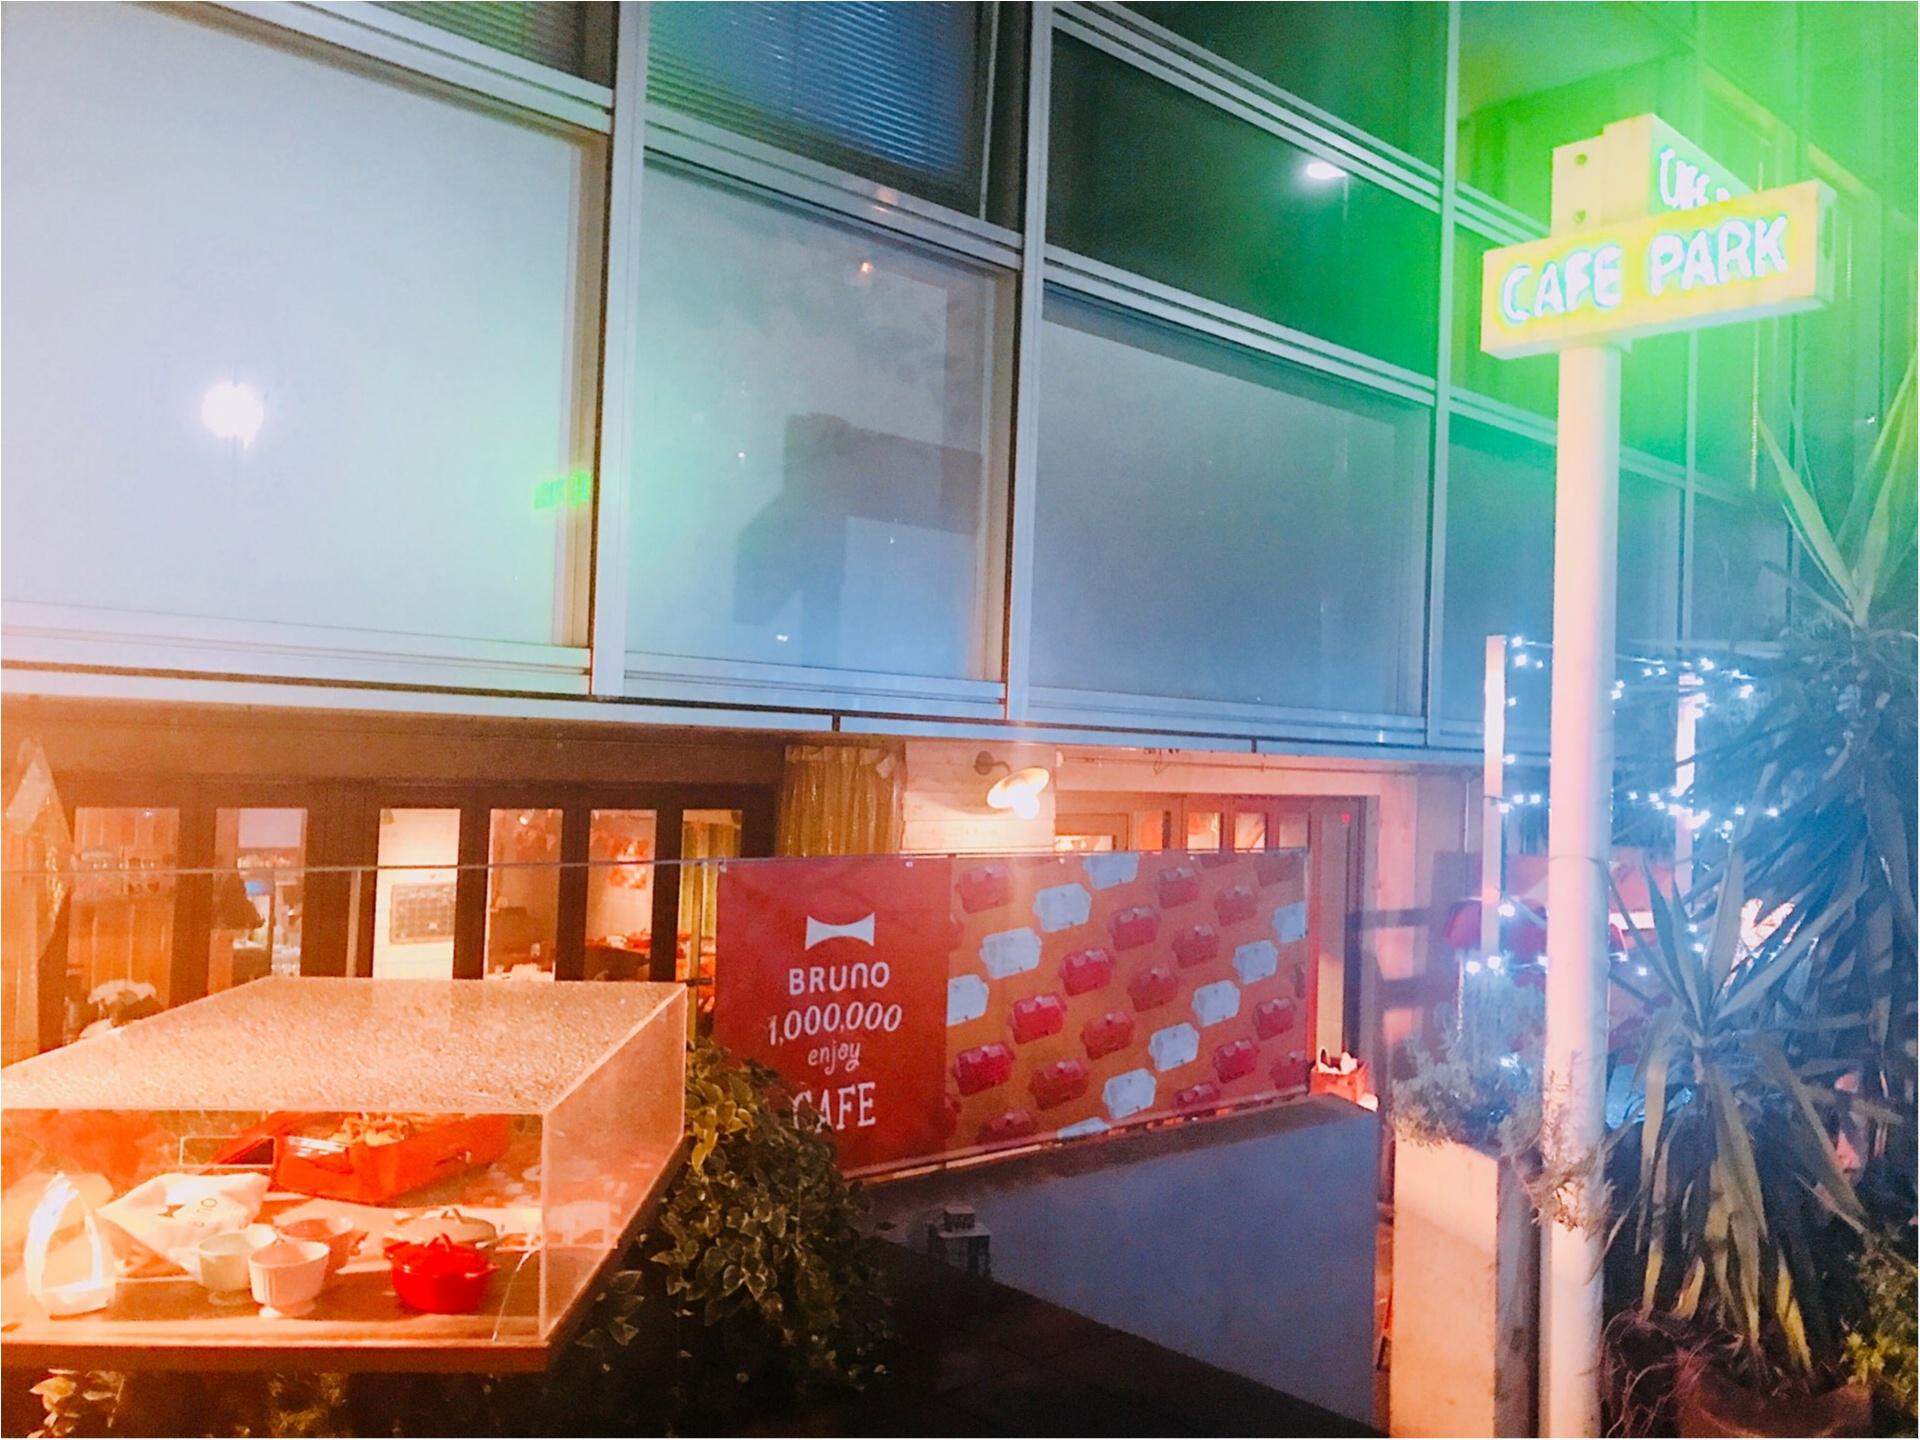 4日限定!コンパクトホットプレートでおもてなし【BRUNO CAFE】がオープン★_1